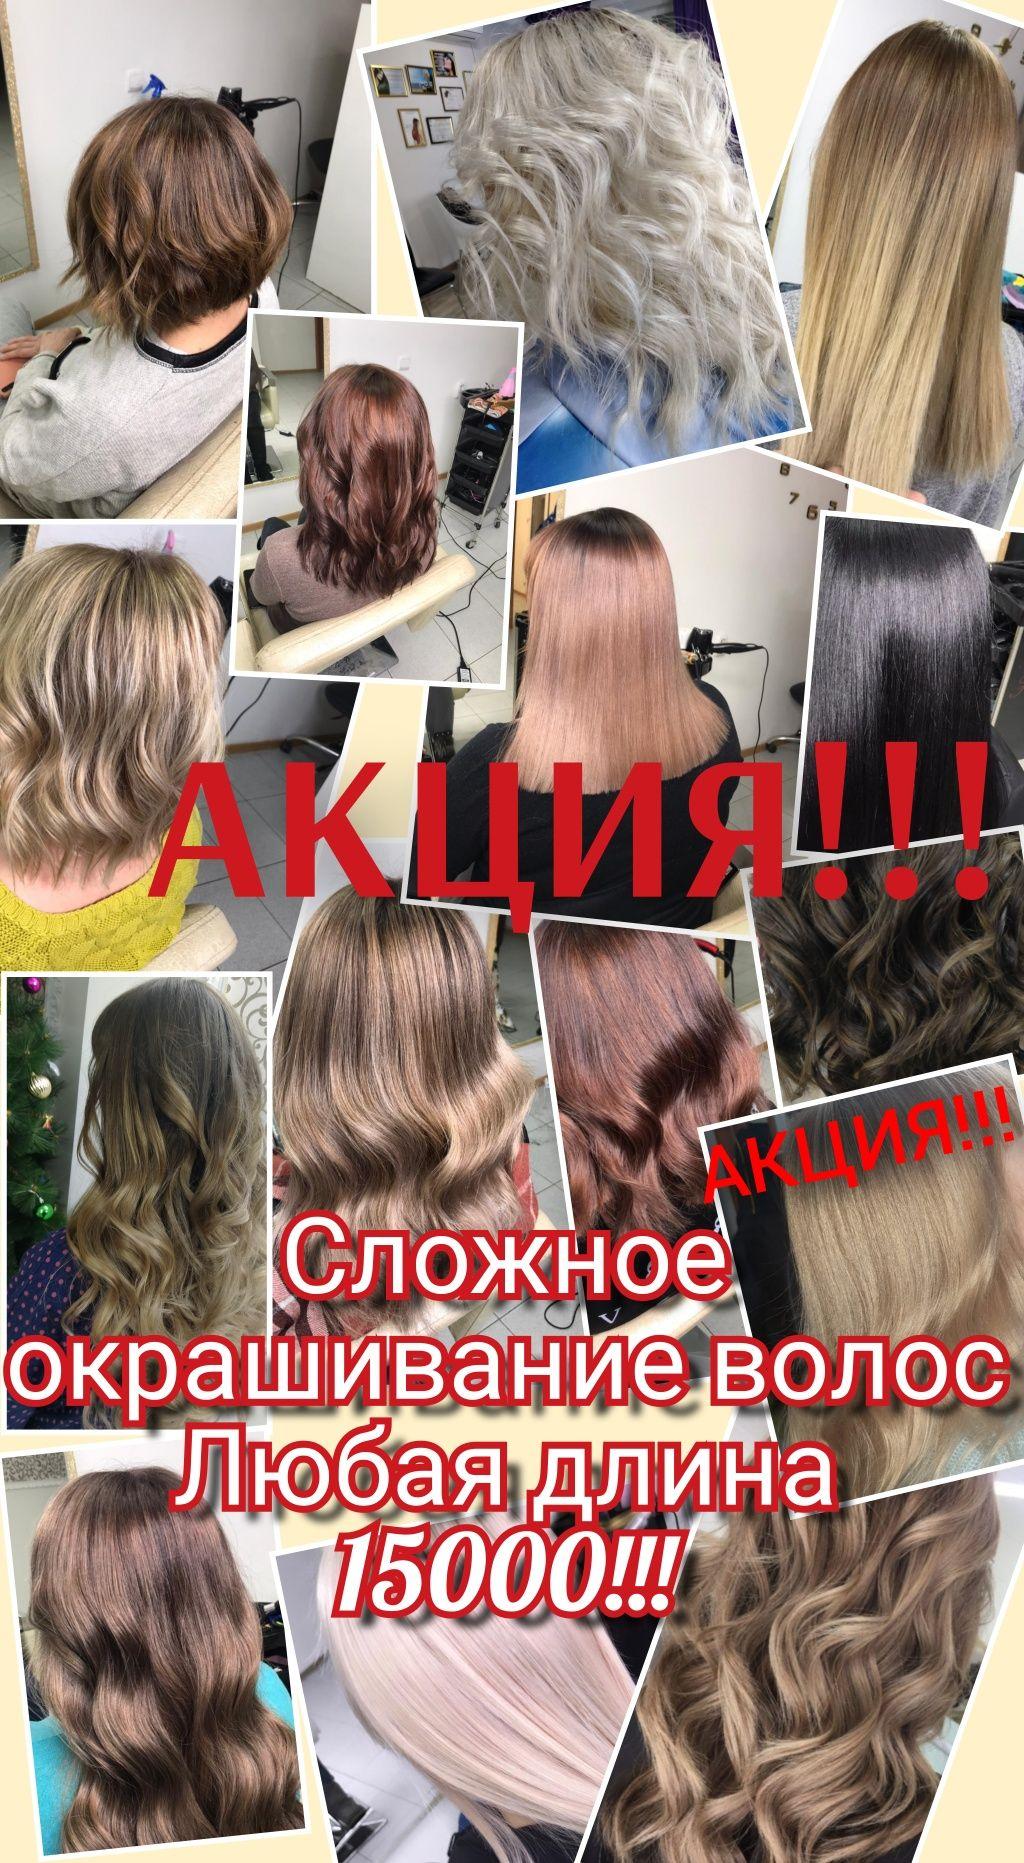 Сложное окрашивание волос. Костанай